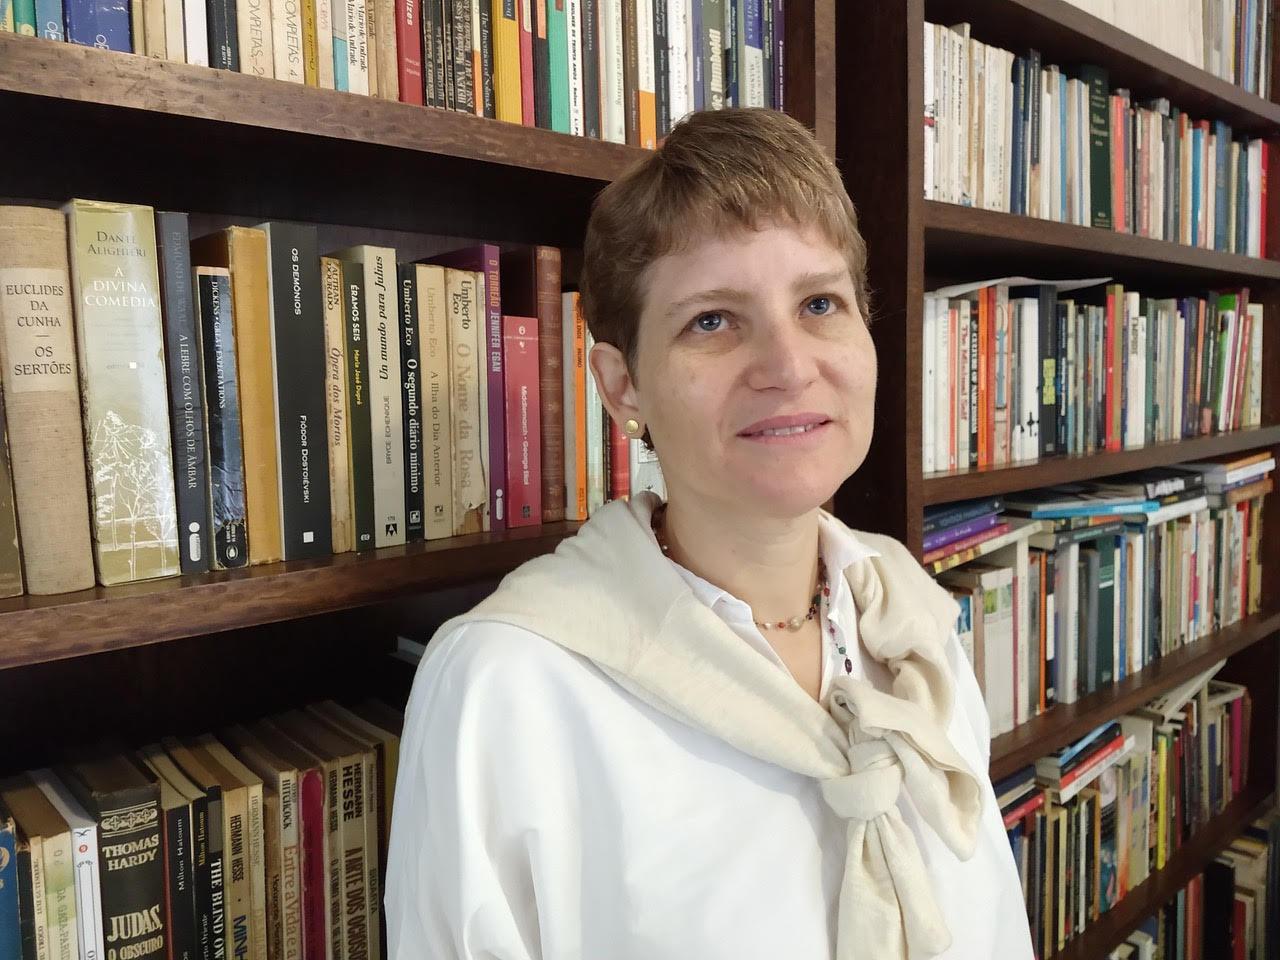 Entrevista com Mariana Barbosa - Desinformação em massa na rede das ilusões perdidas